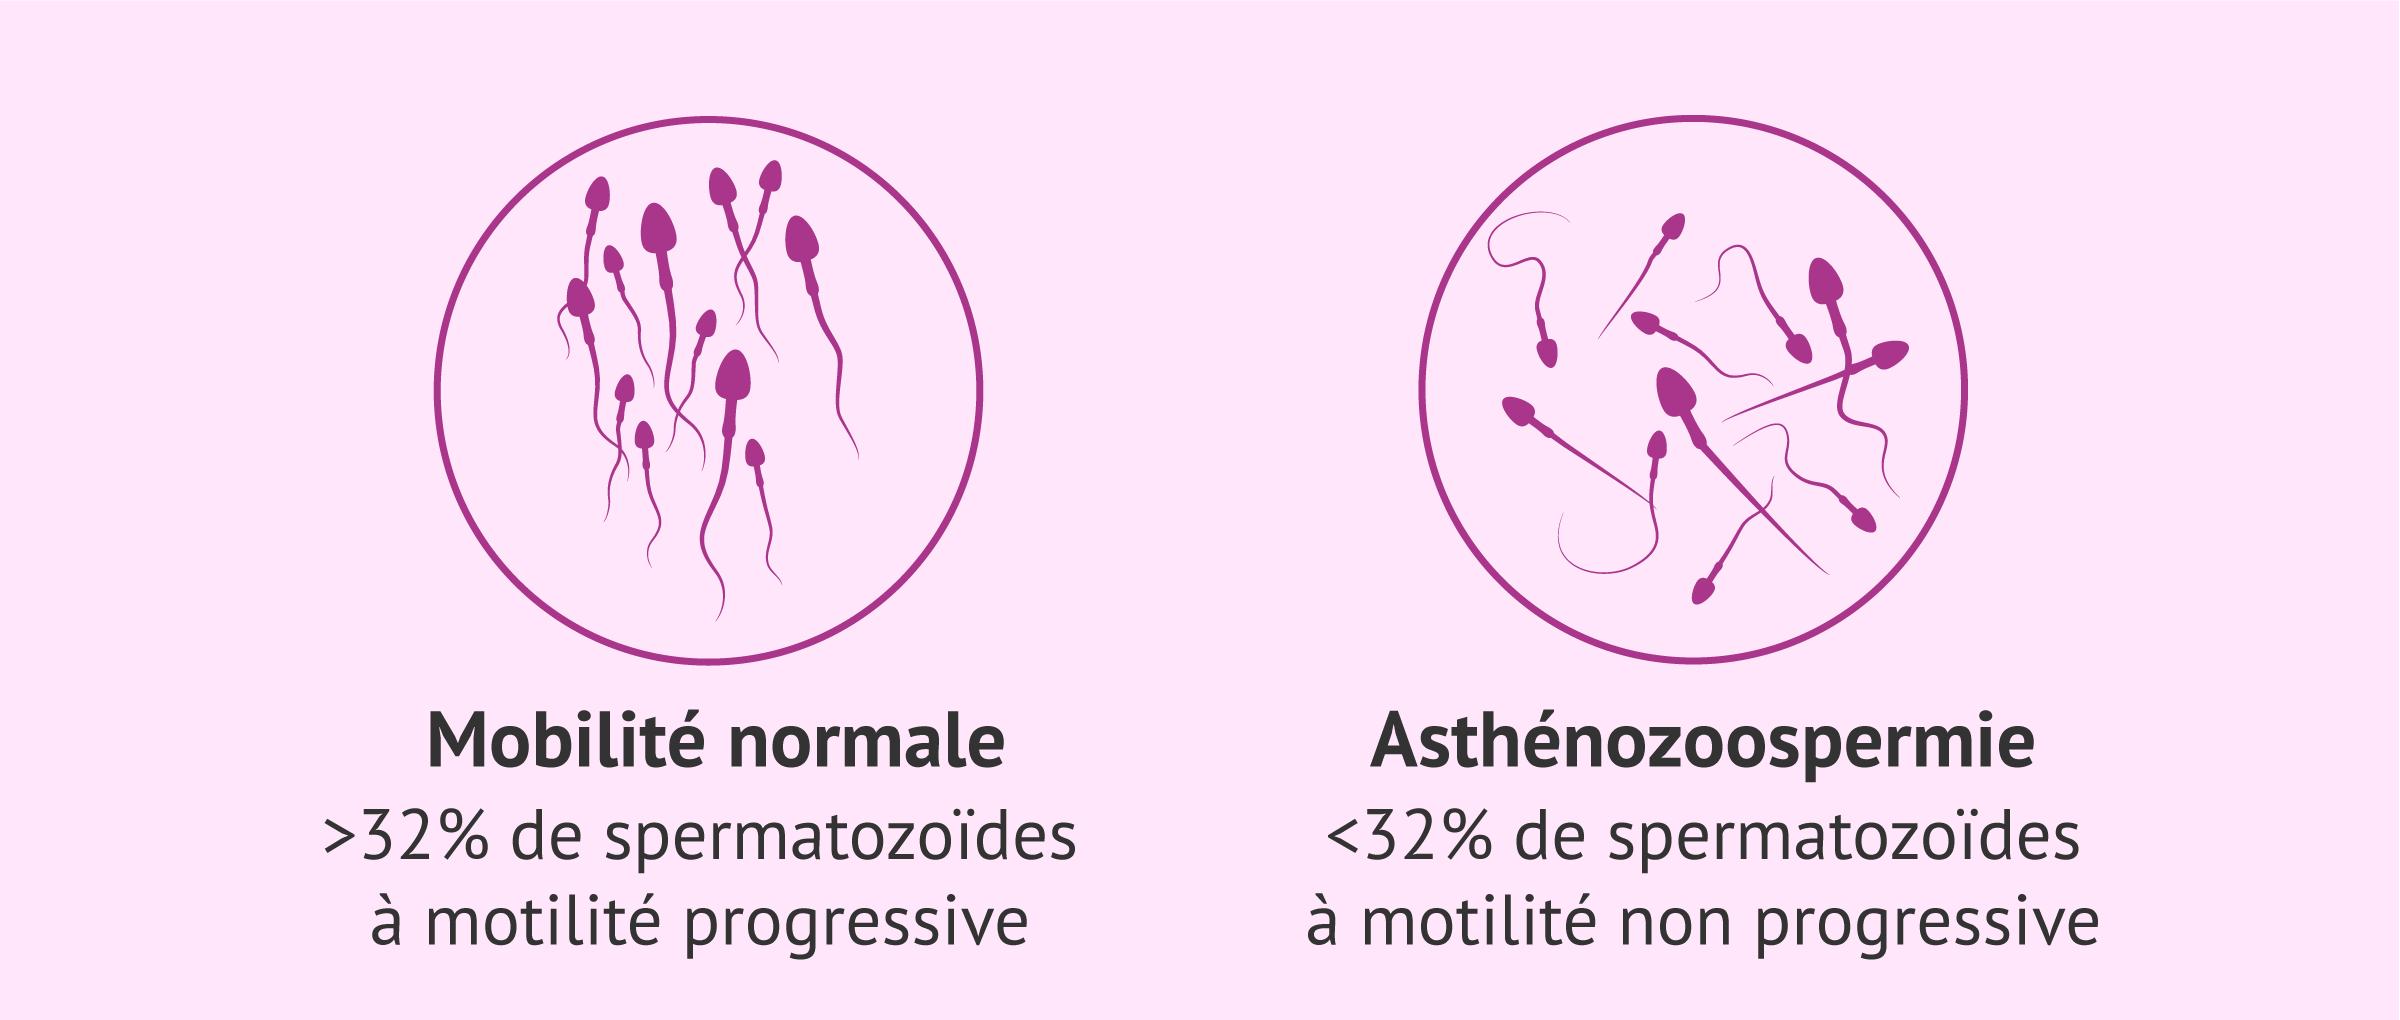 ICSI pour les problèmes de mobilité des spermatozoïdes